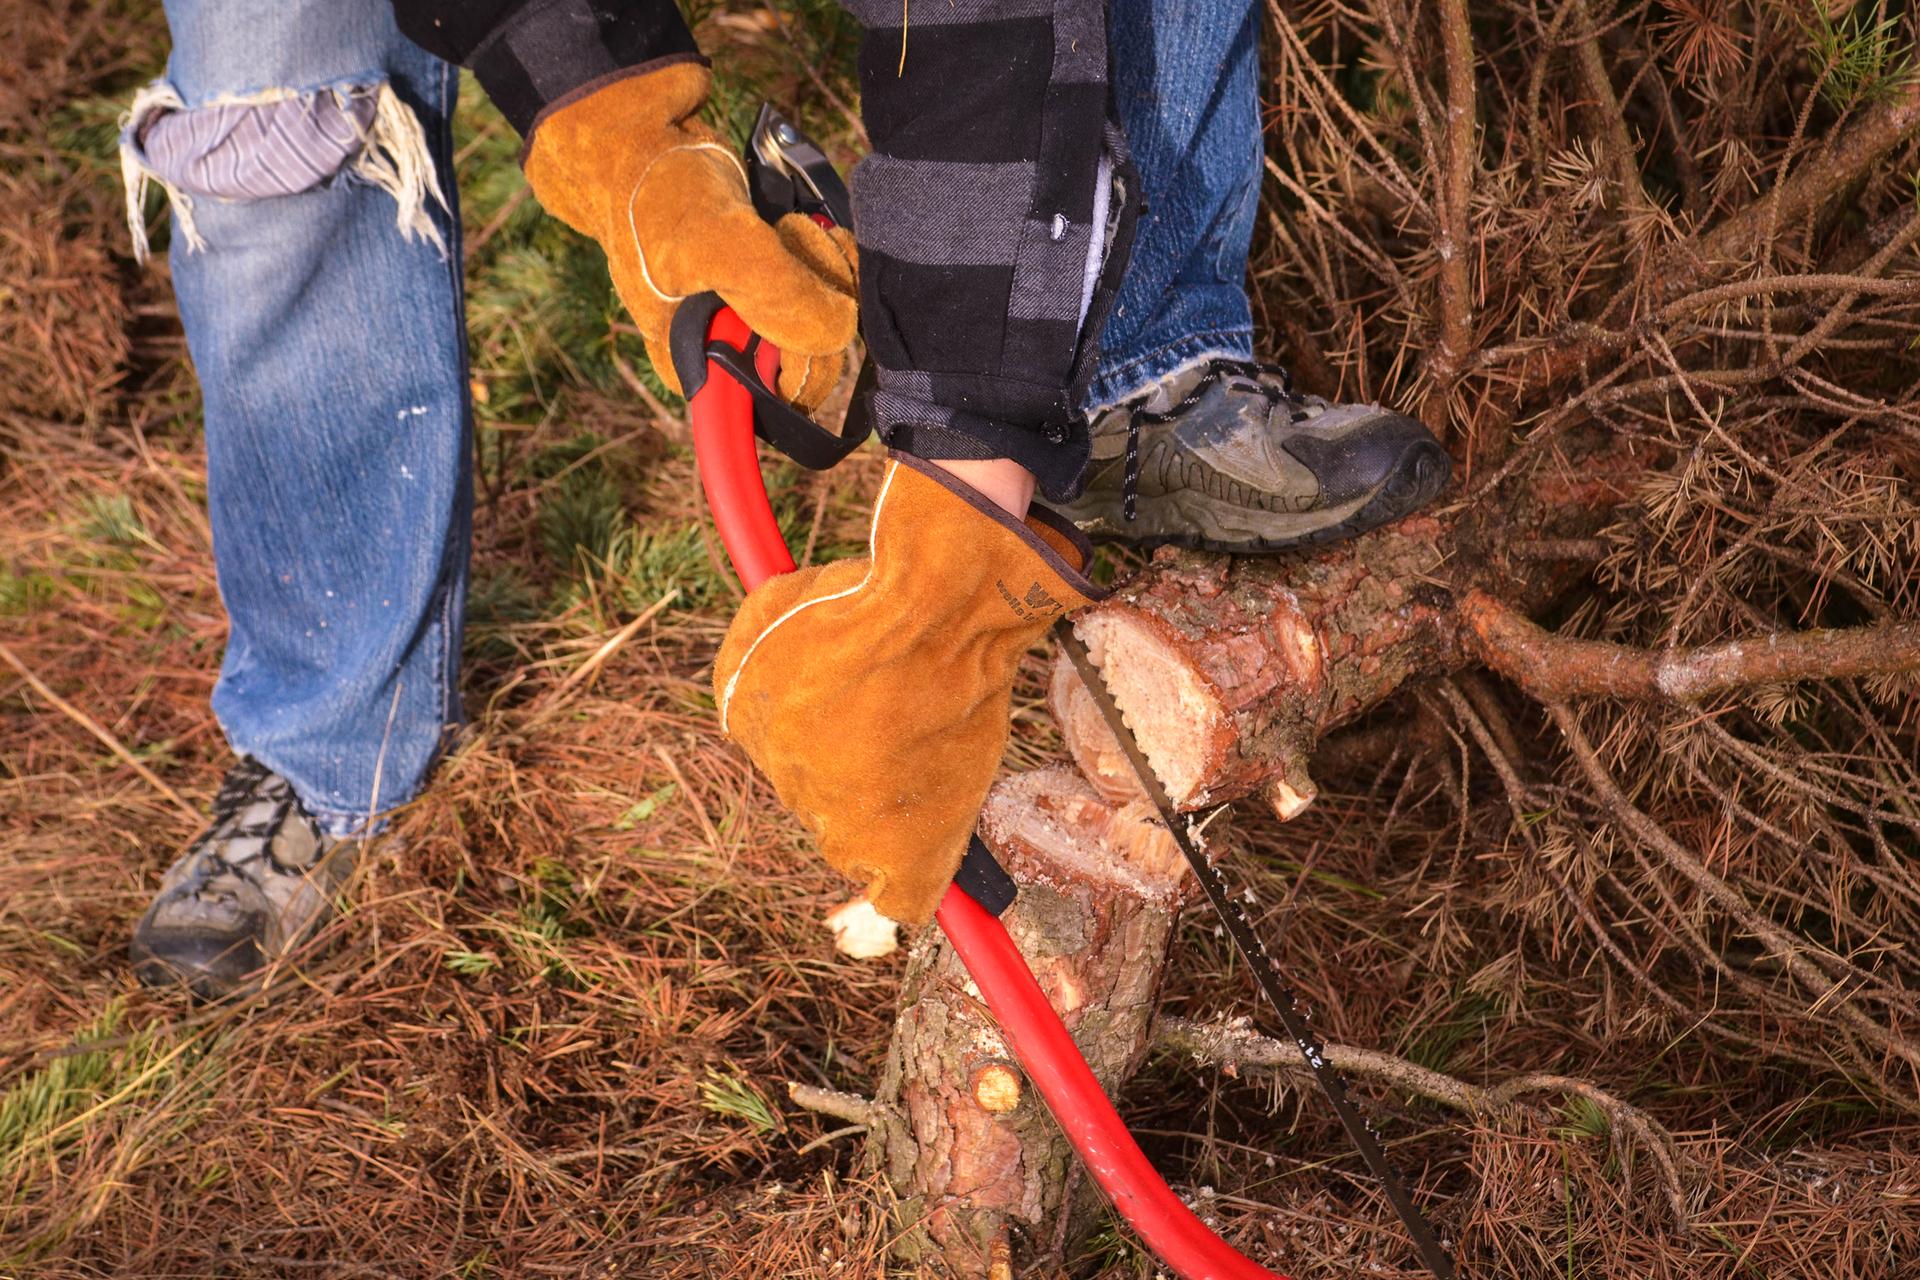 Zdjęcie przedstawiające osobę ścinającą cienkie drzewo za pomocą ręcznej piły.